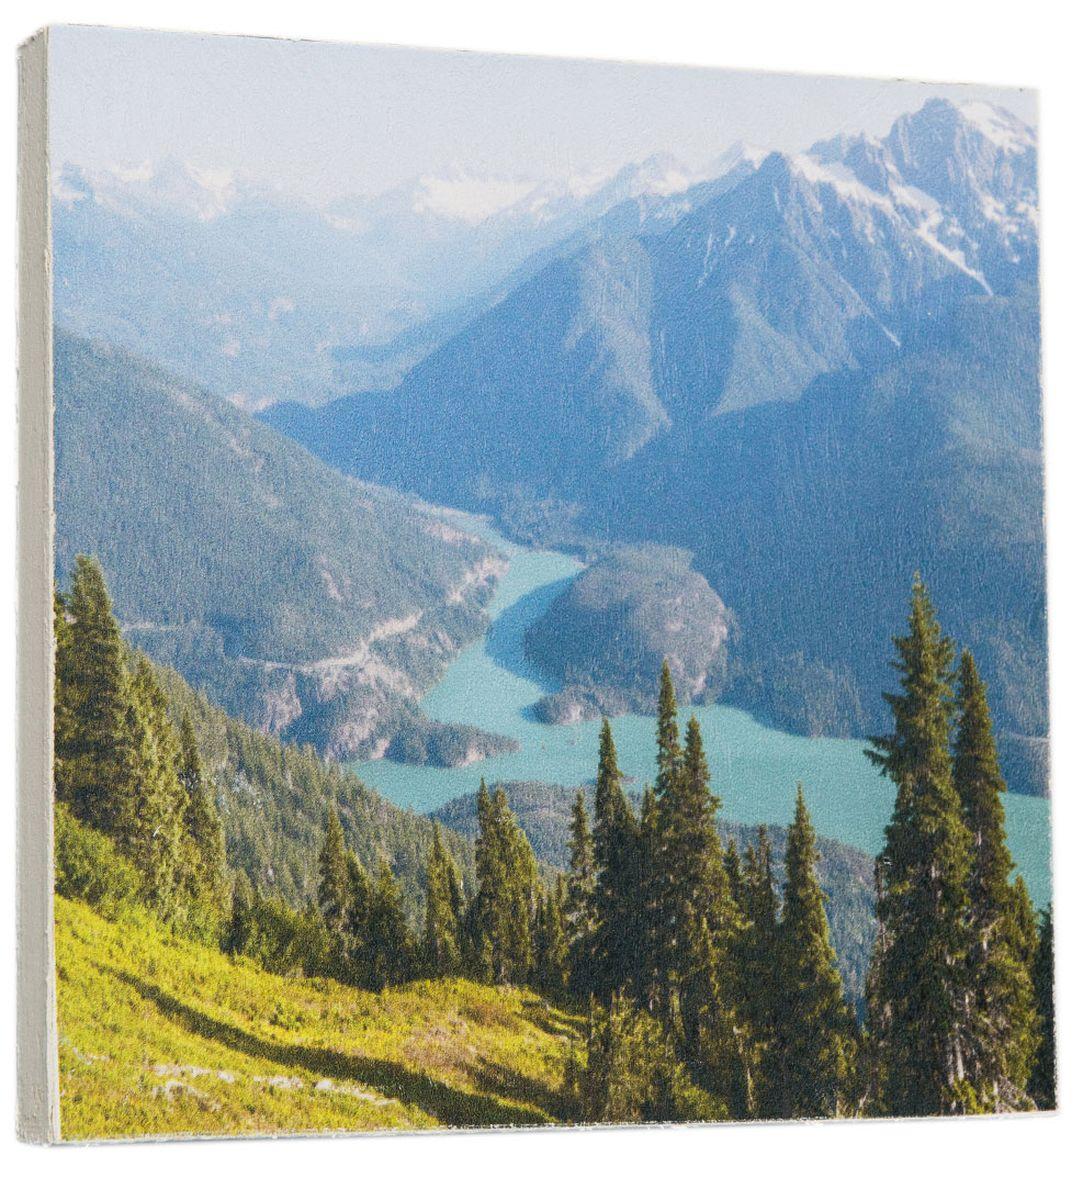 Картина Красивые горные вершины, 22 х 22 см0270-22-22